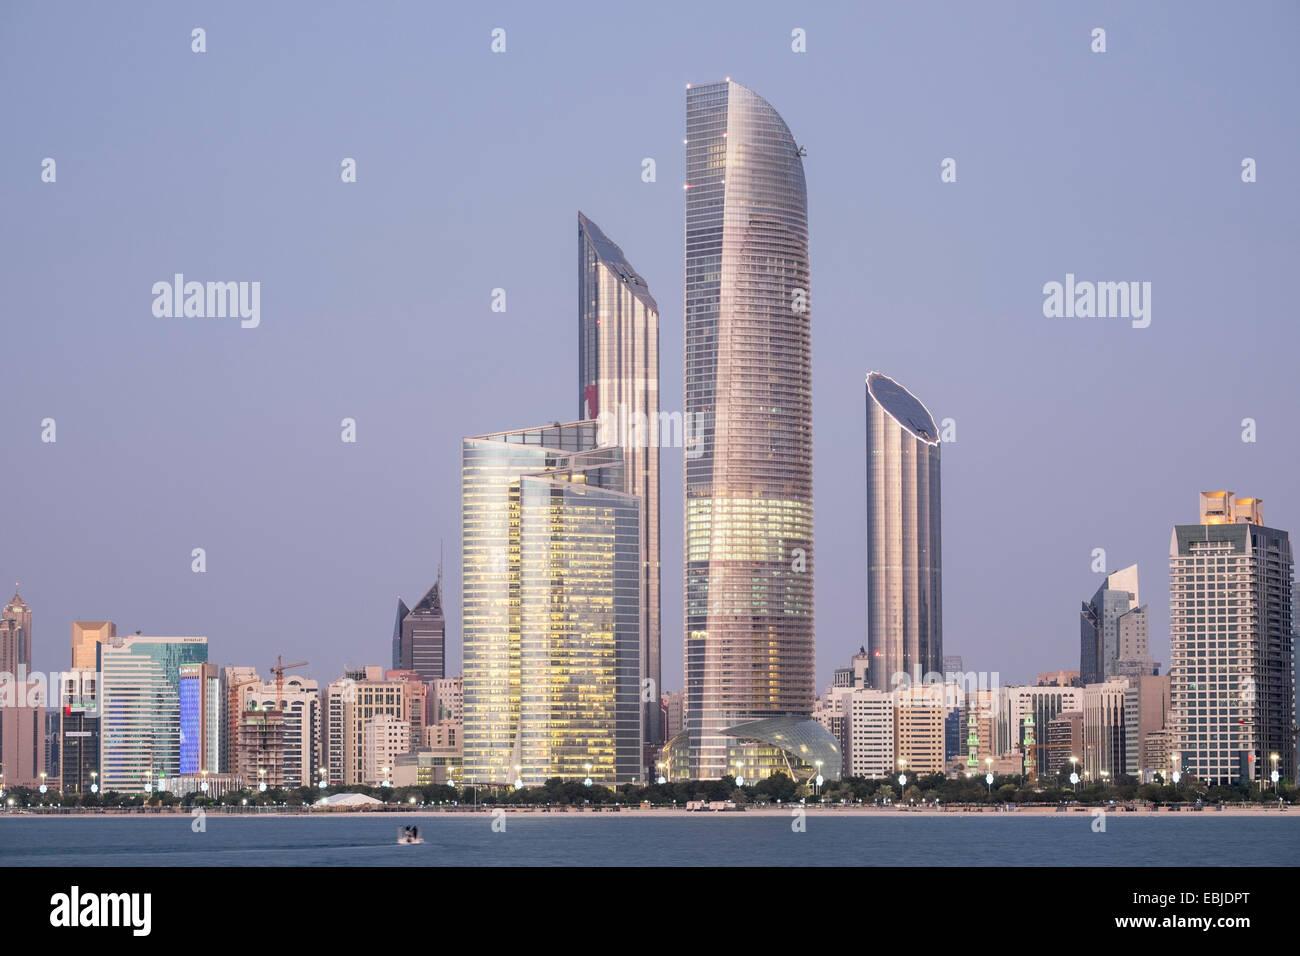 Skyline di moderni edifici lungo il lungomare Corniche di Abu Dhabi Emirati Arabi Uniti Immagini Stock